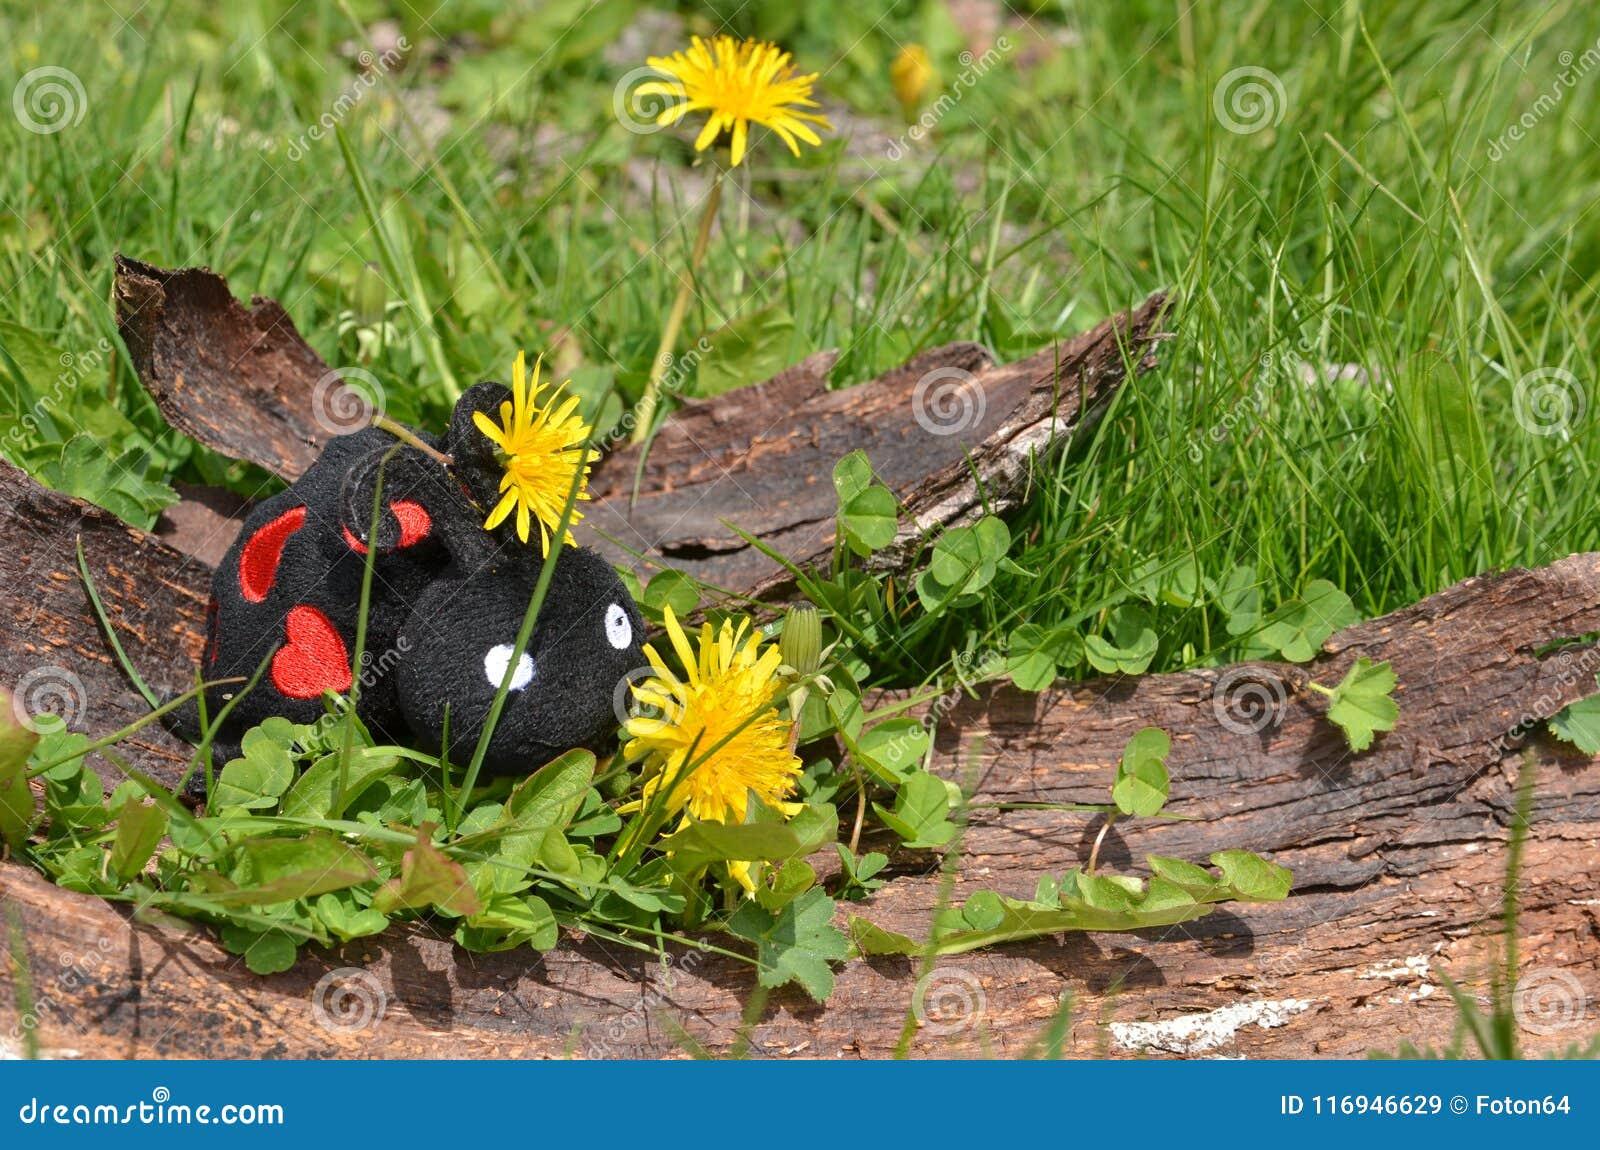 Toy ladybug on tree bark dandelions stock image image of green toy ladybug on tree bark dandelions mightylinksfo